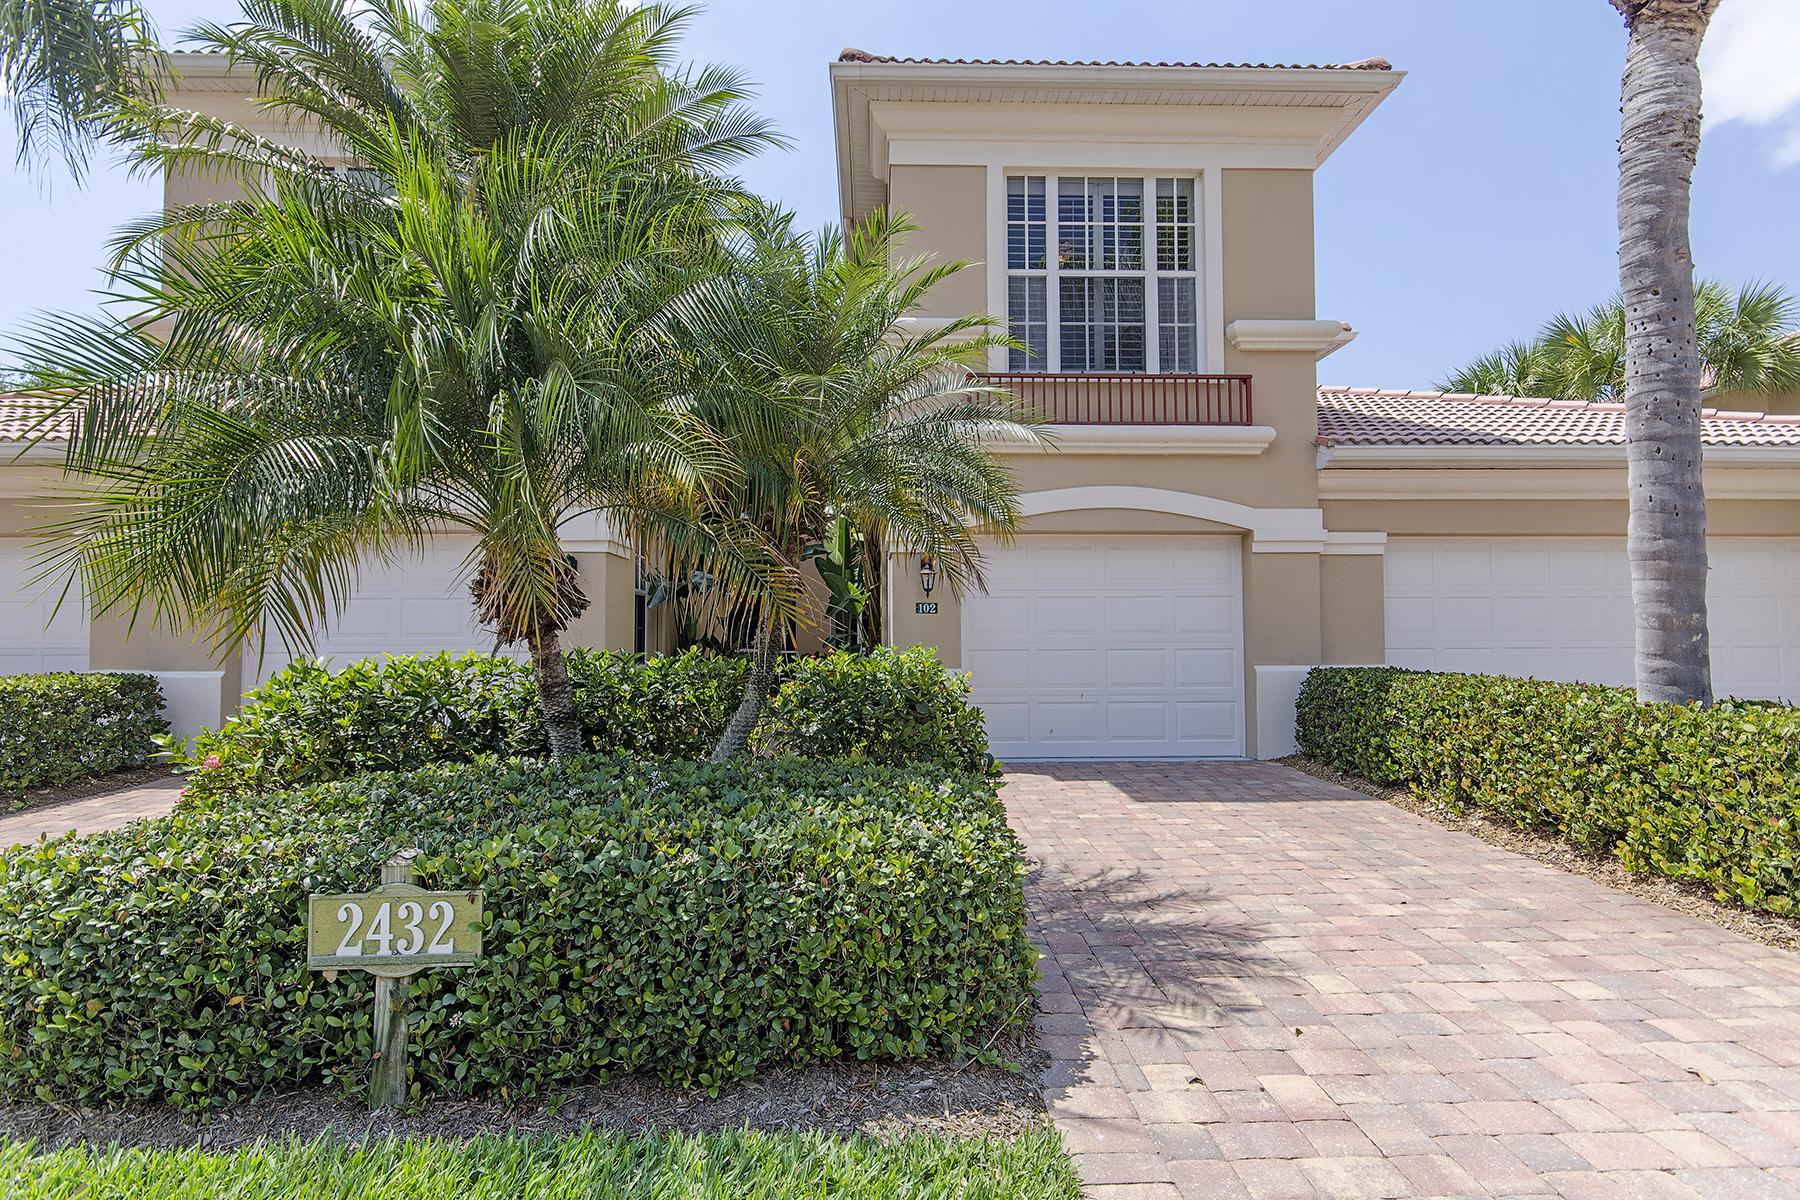 Appartement en copropriété pour l Vente à Naples 2432 Ravenna Blvd 4-102 Naples, Florida, 34109 États-Unis